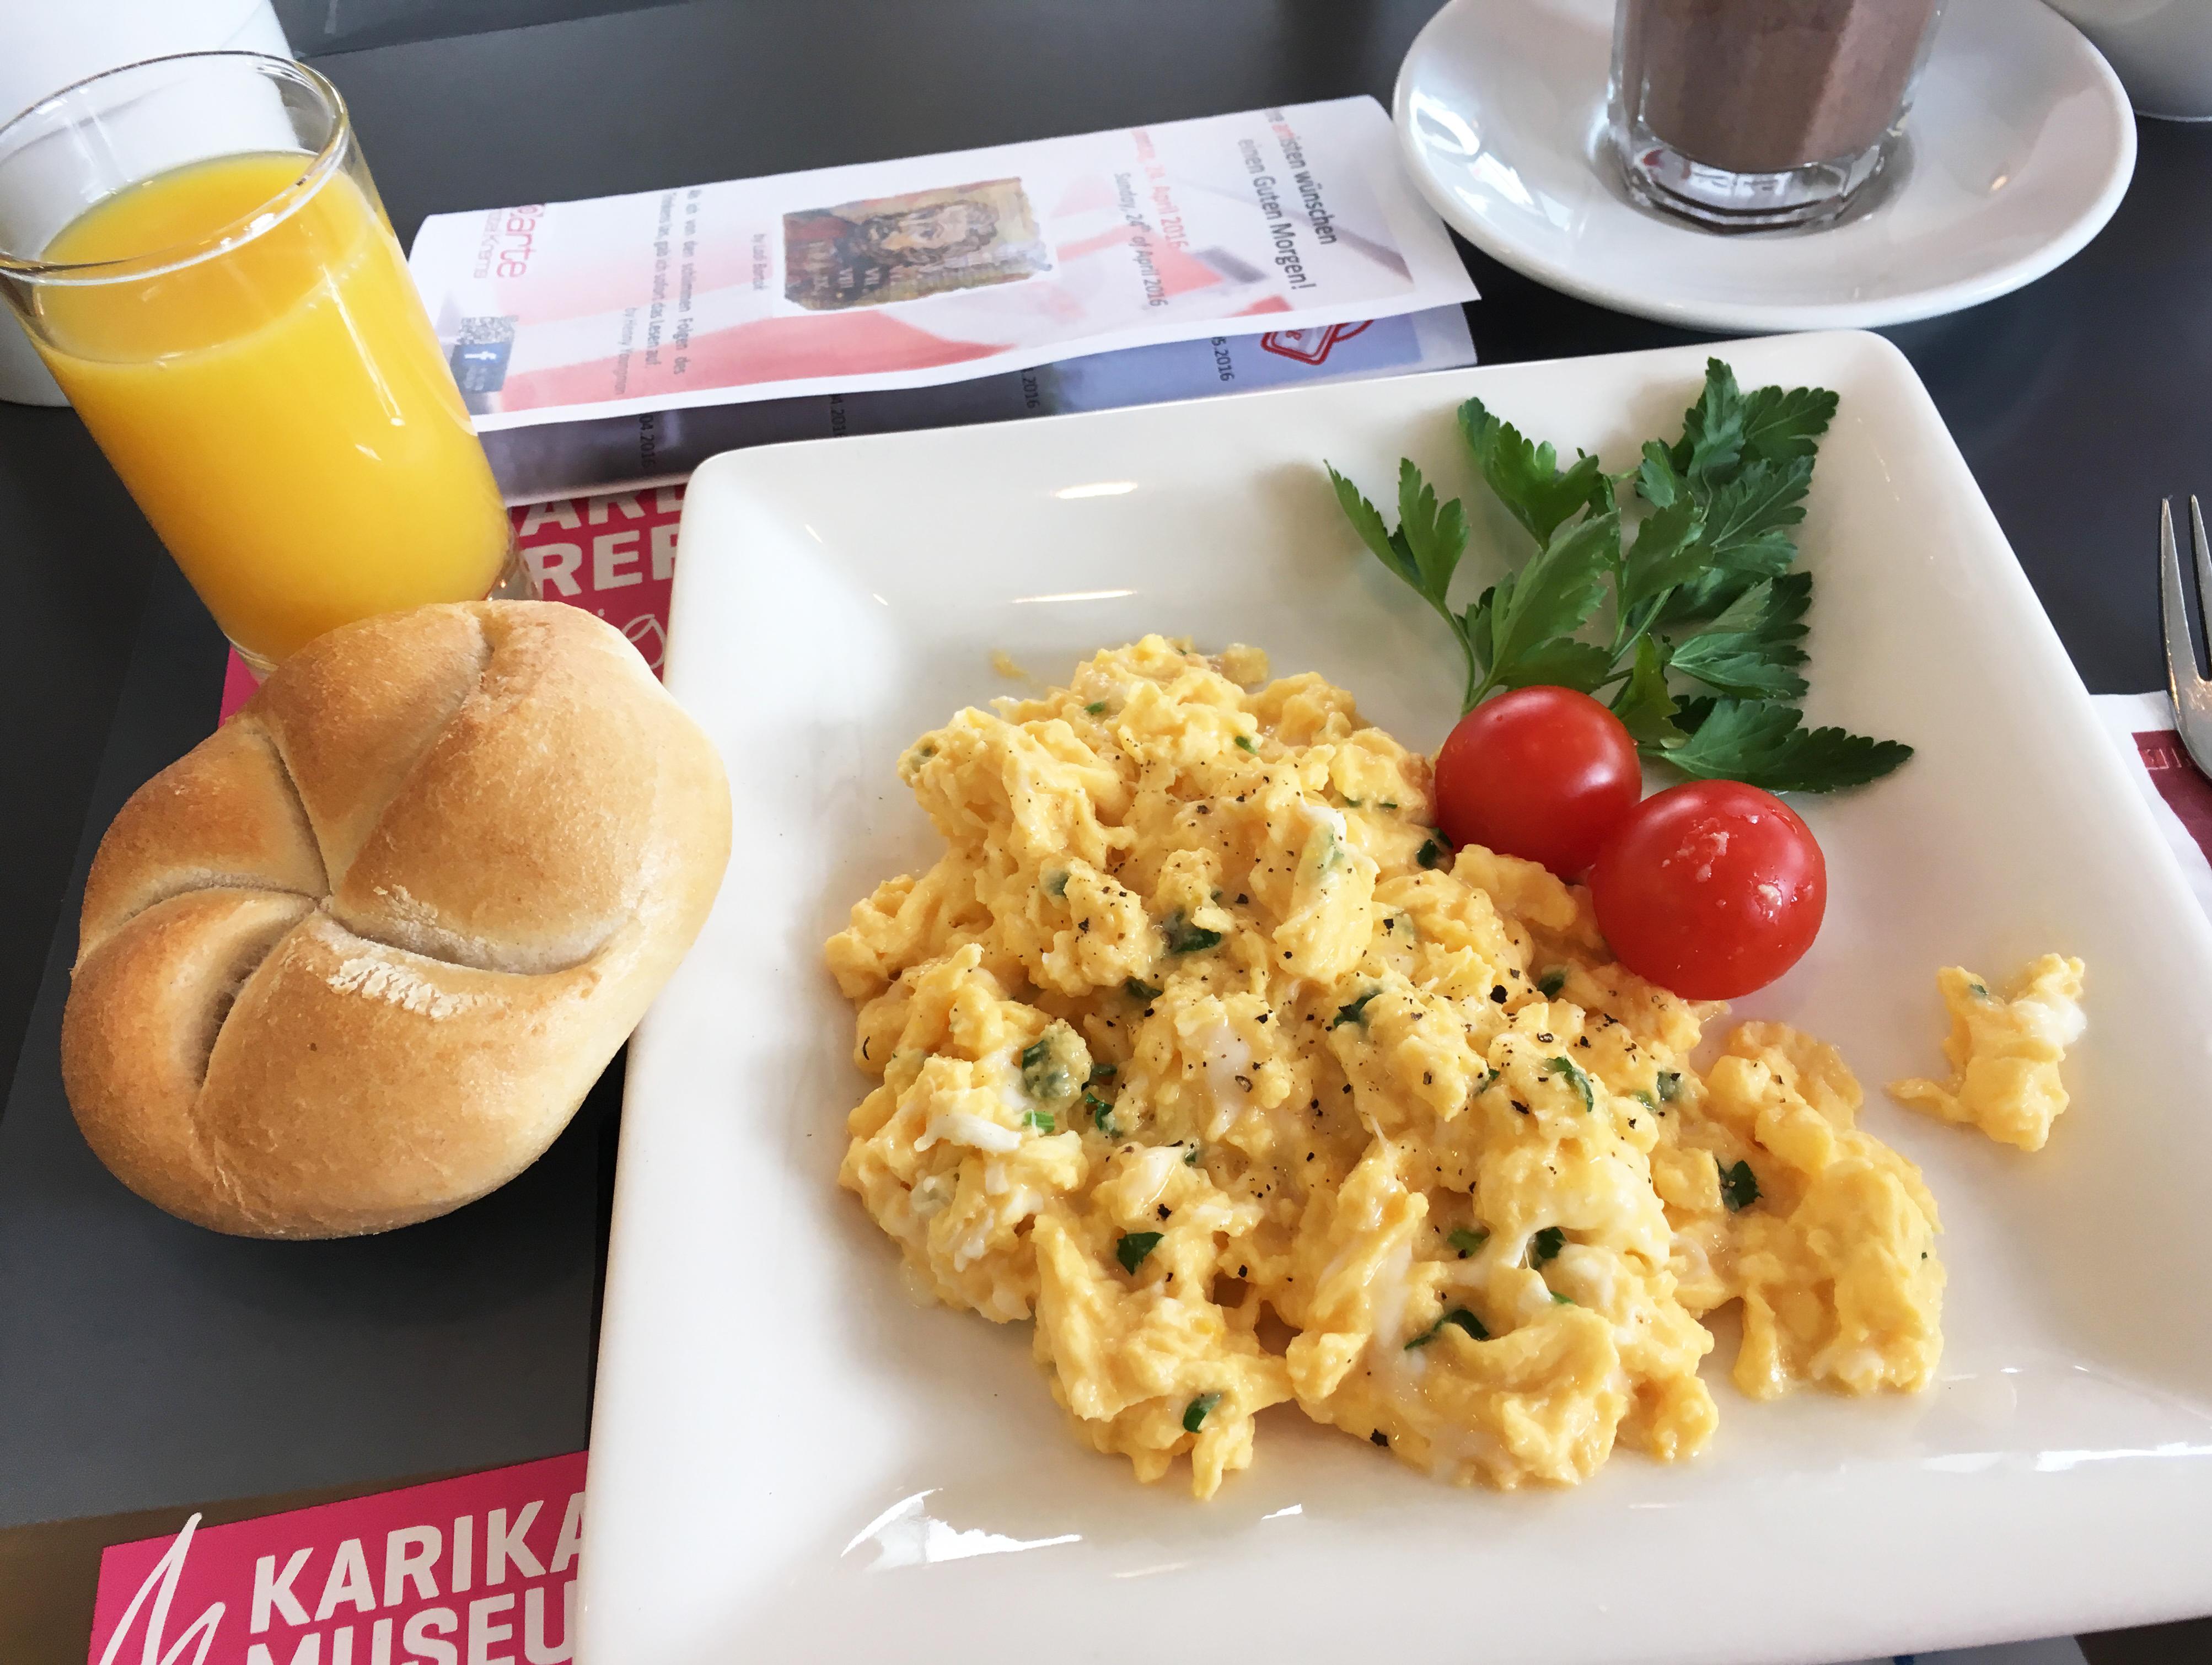 Frühstück mit Eierspeise